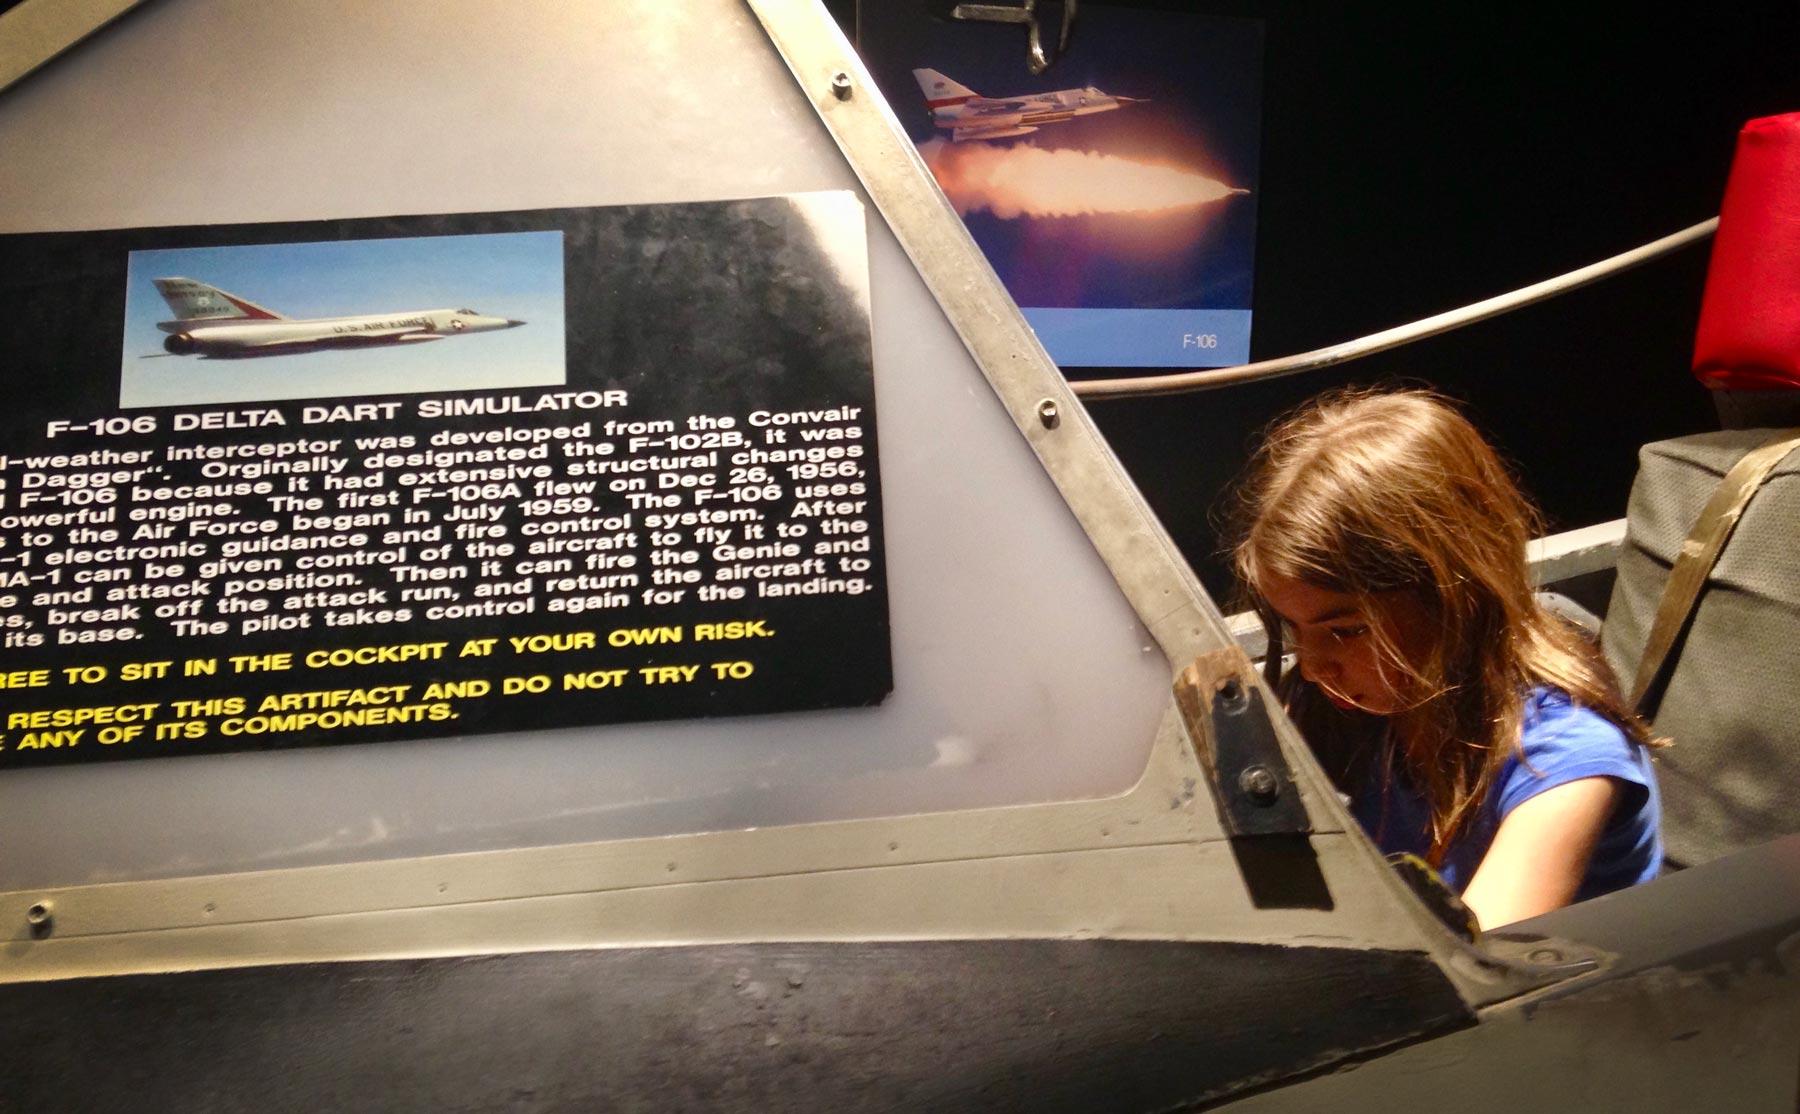 Girl in F-106 Delta Dart Simulator at the South Dakota Air & Space Museum